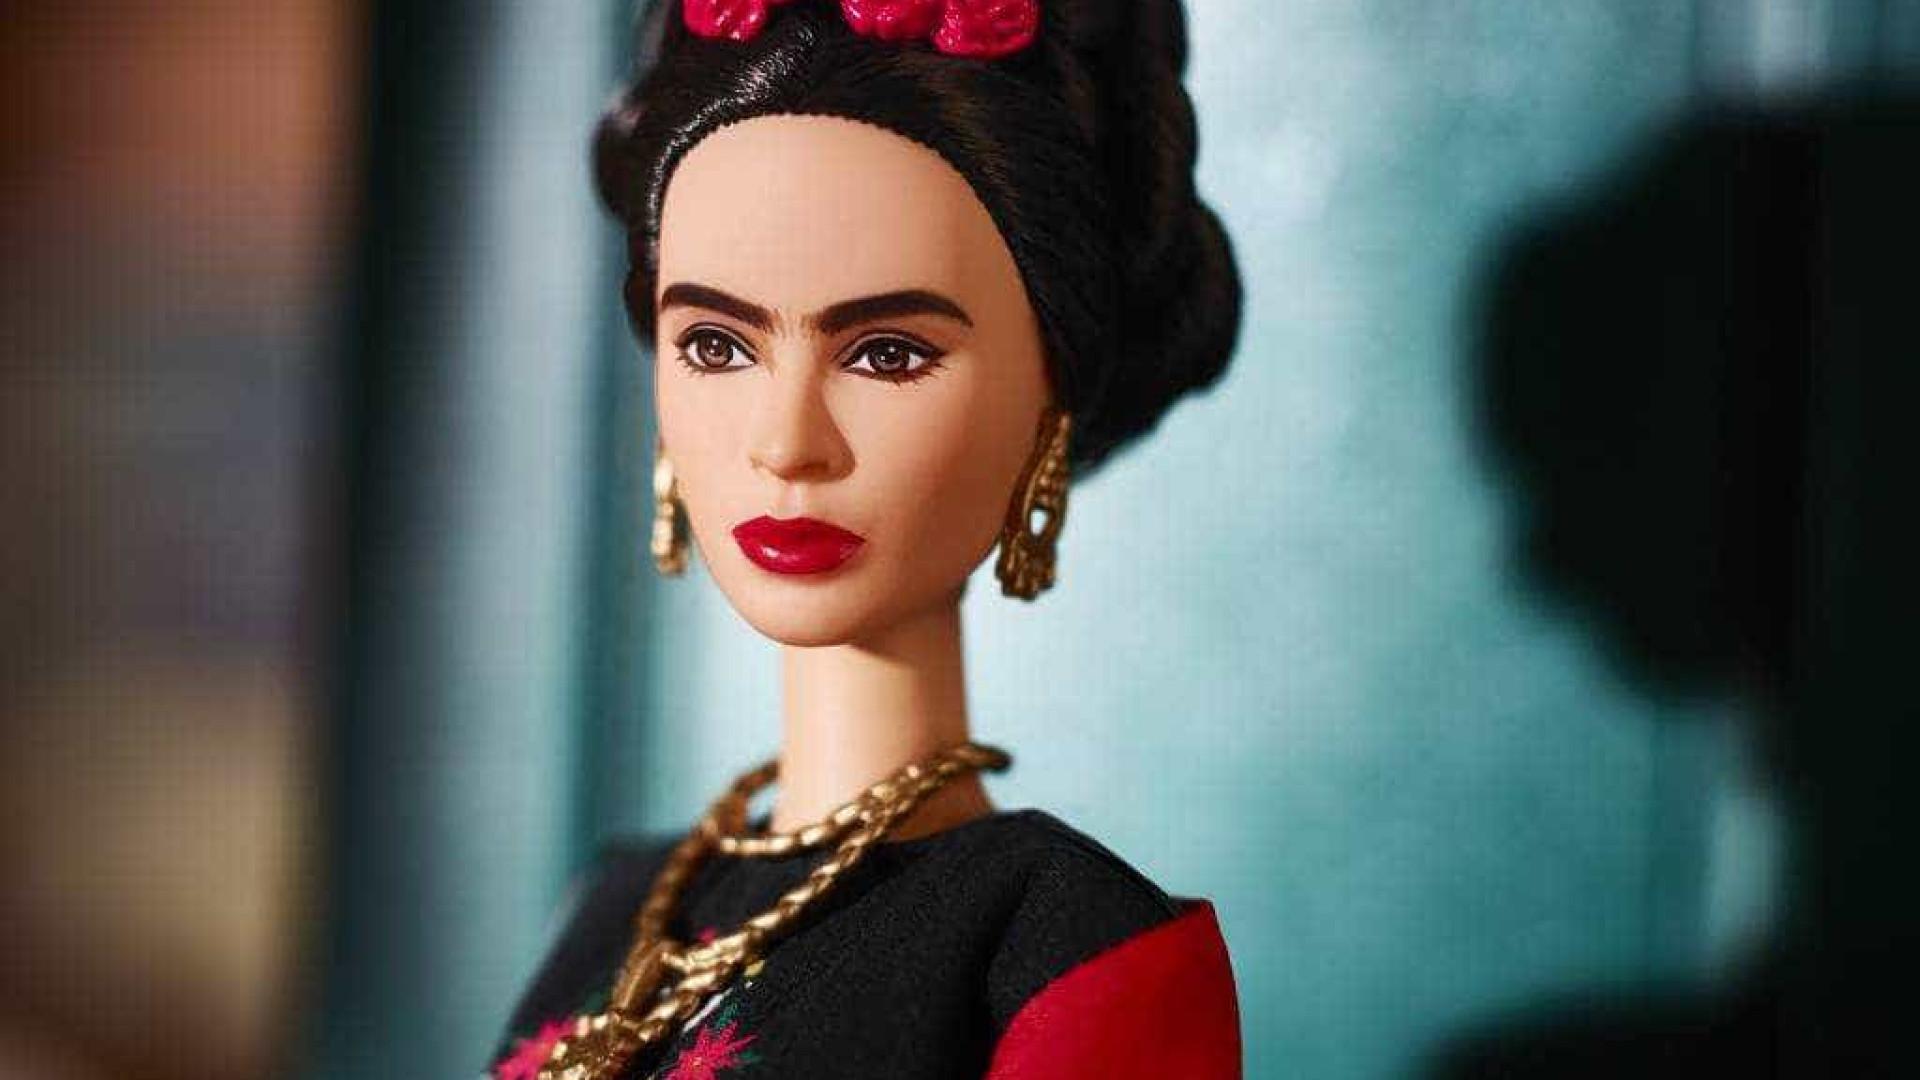 Família de Frida Kahlo briga por direitos de boneca Barbie